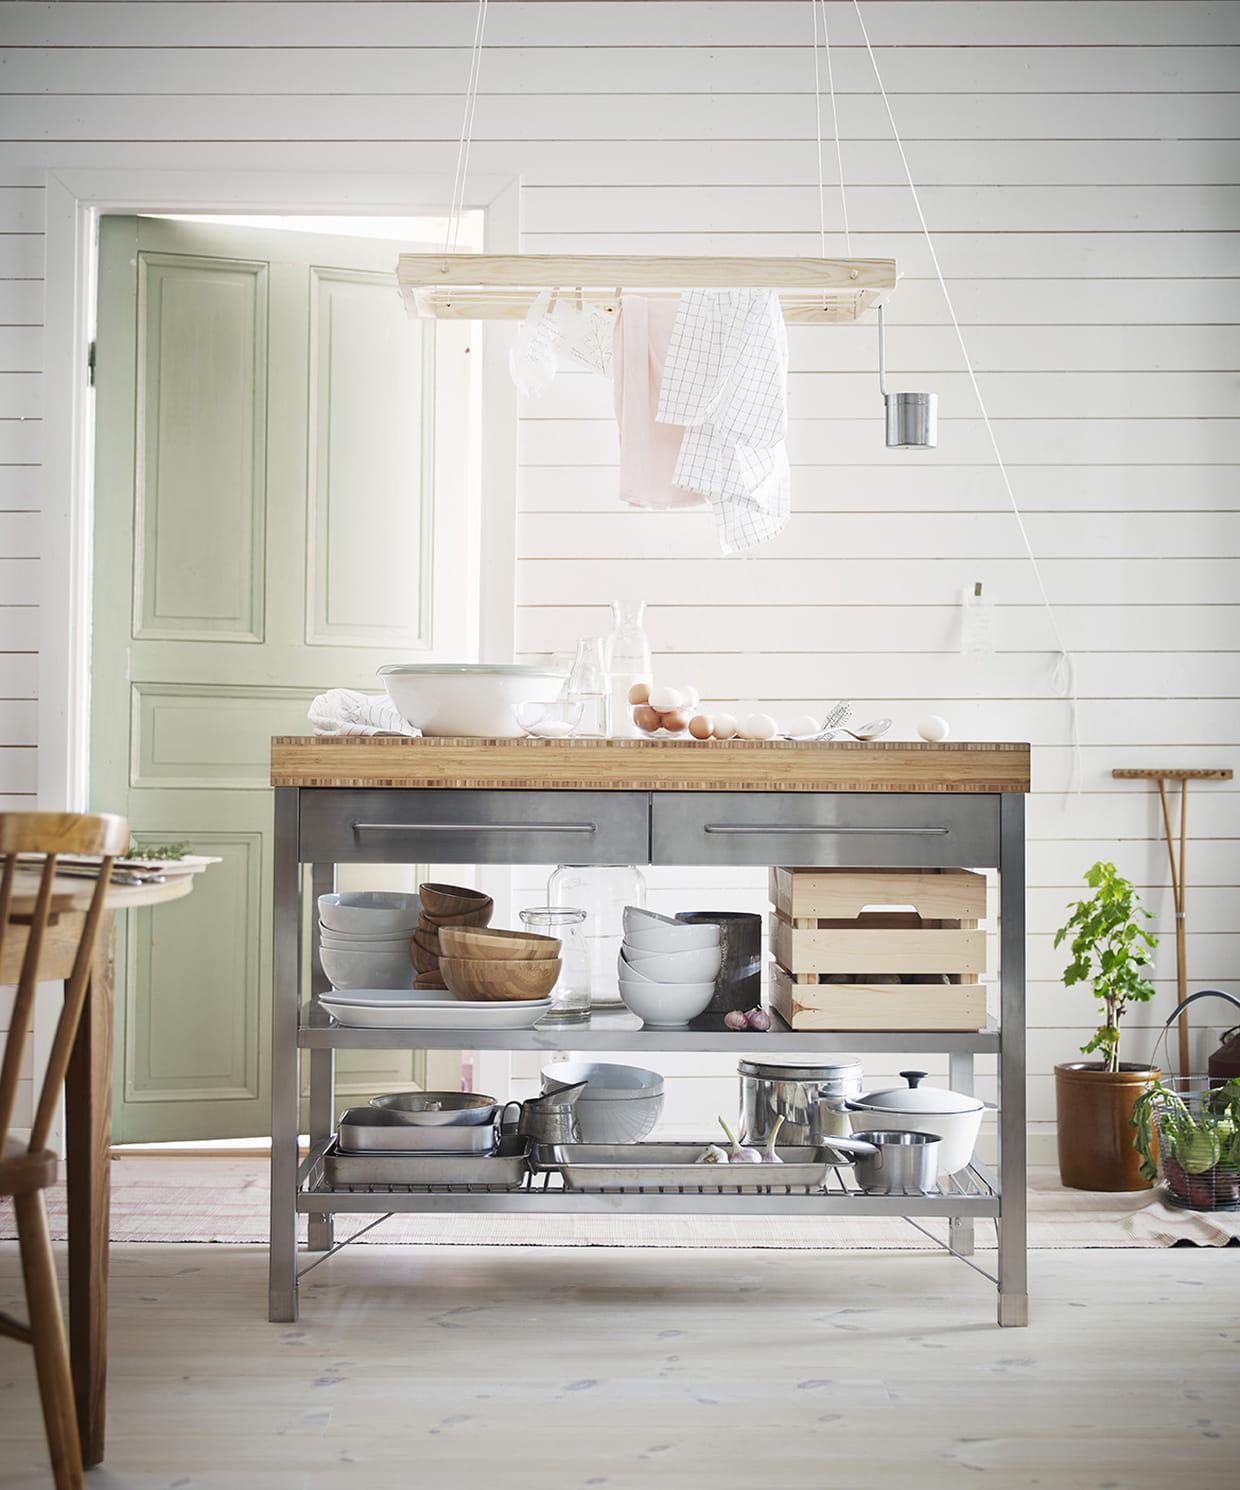 Ikea Ilot Cuisine: L'îlot De Cuisine Rimforsa D'IKEA